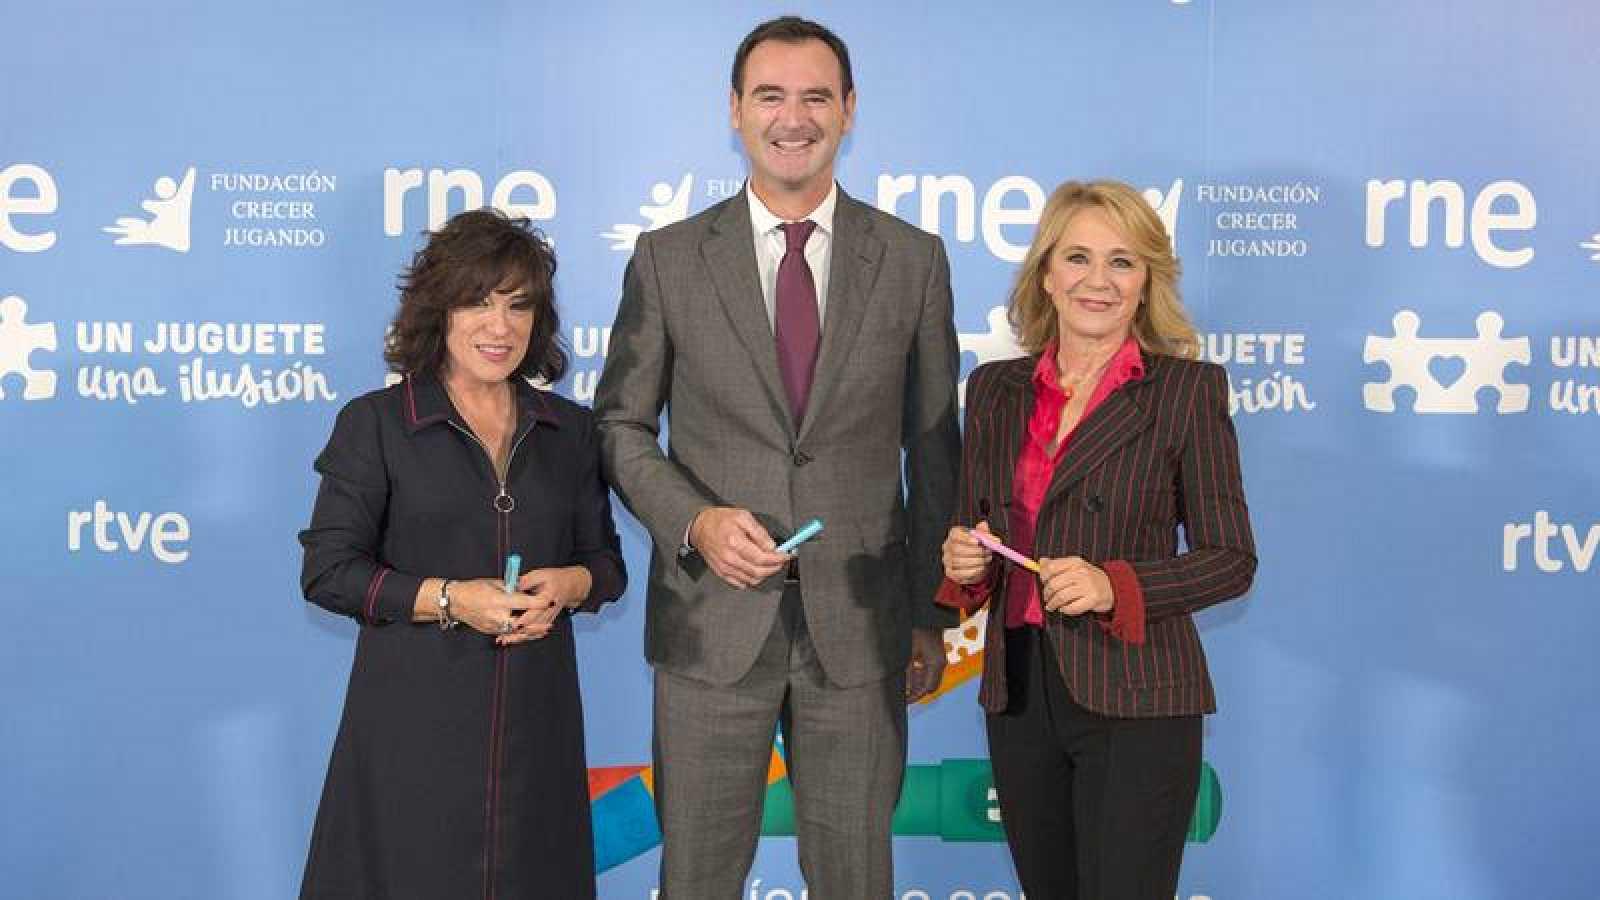 Paloma Zuriaga, José Antonio Pastor y Elena Sánchez Caballero